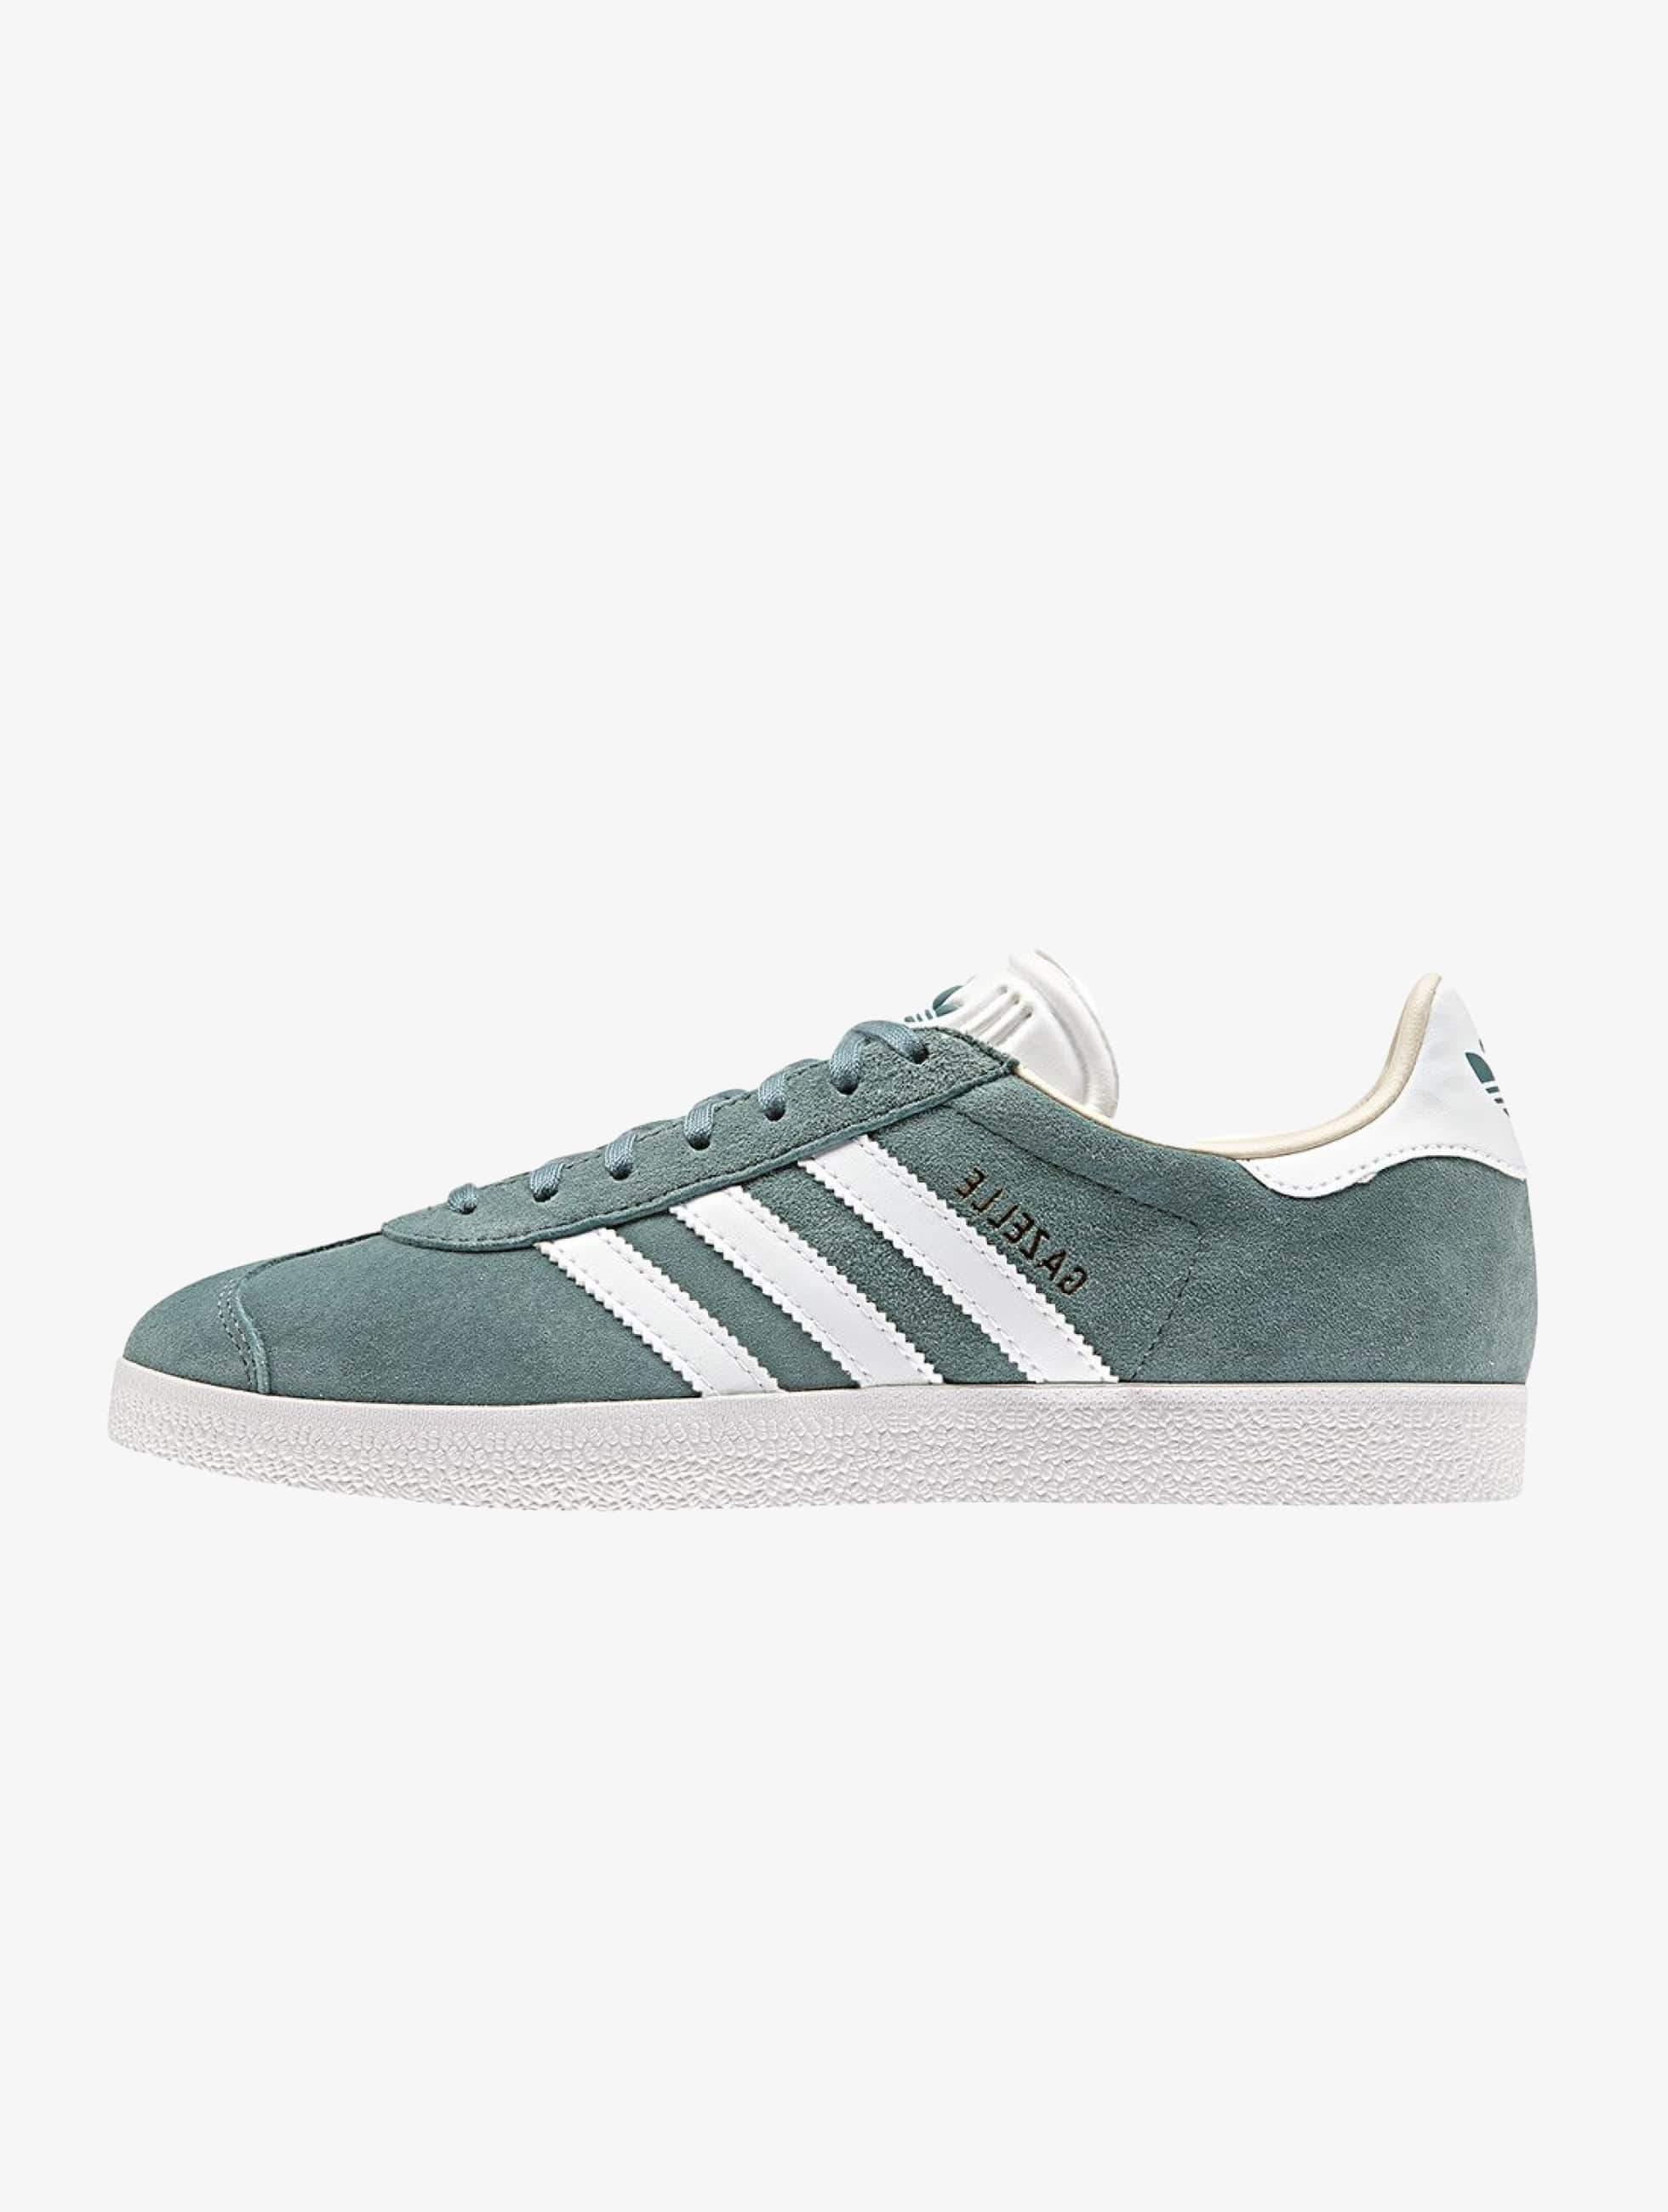 Adidas Gazelle W Sneakers Green